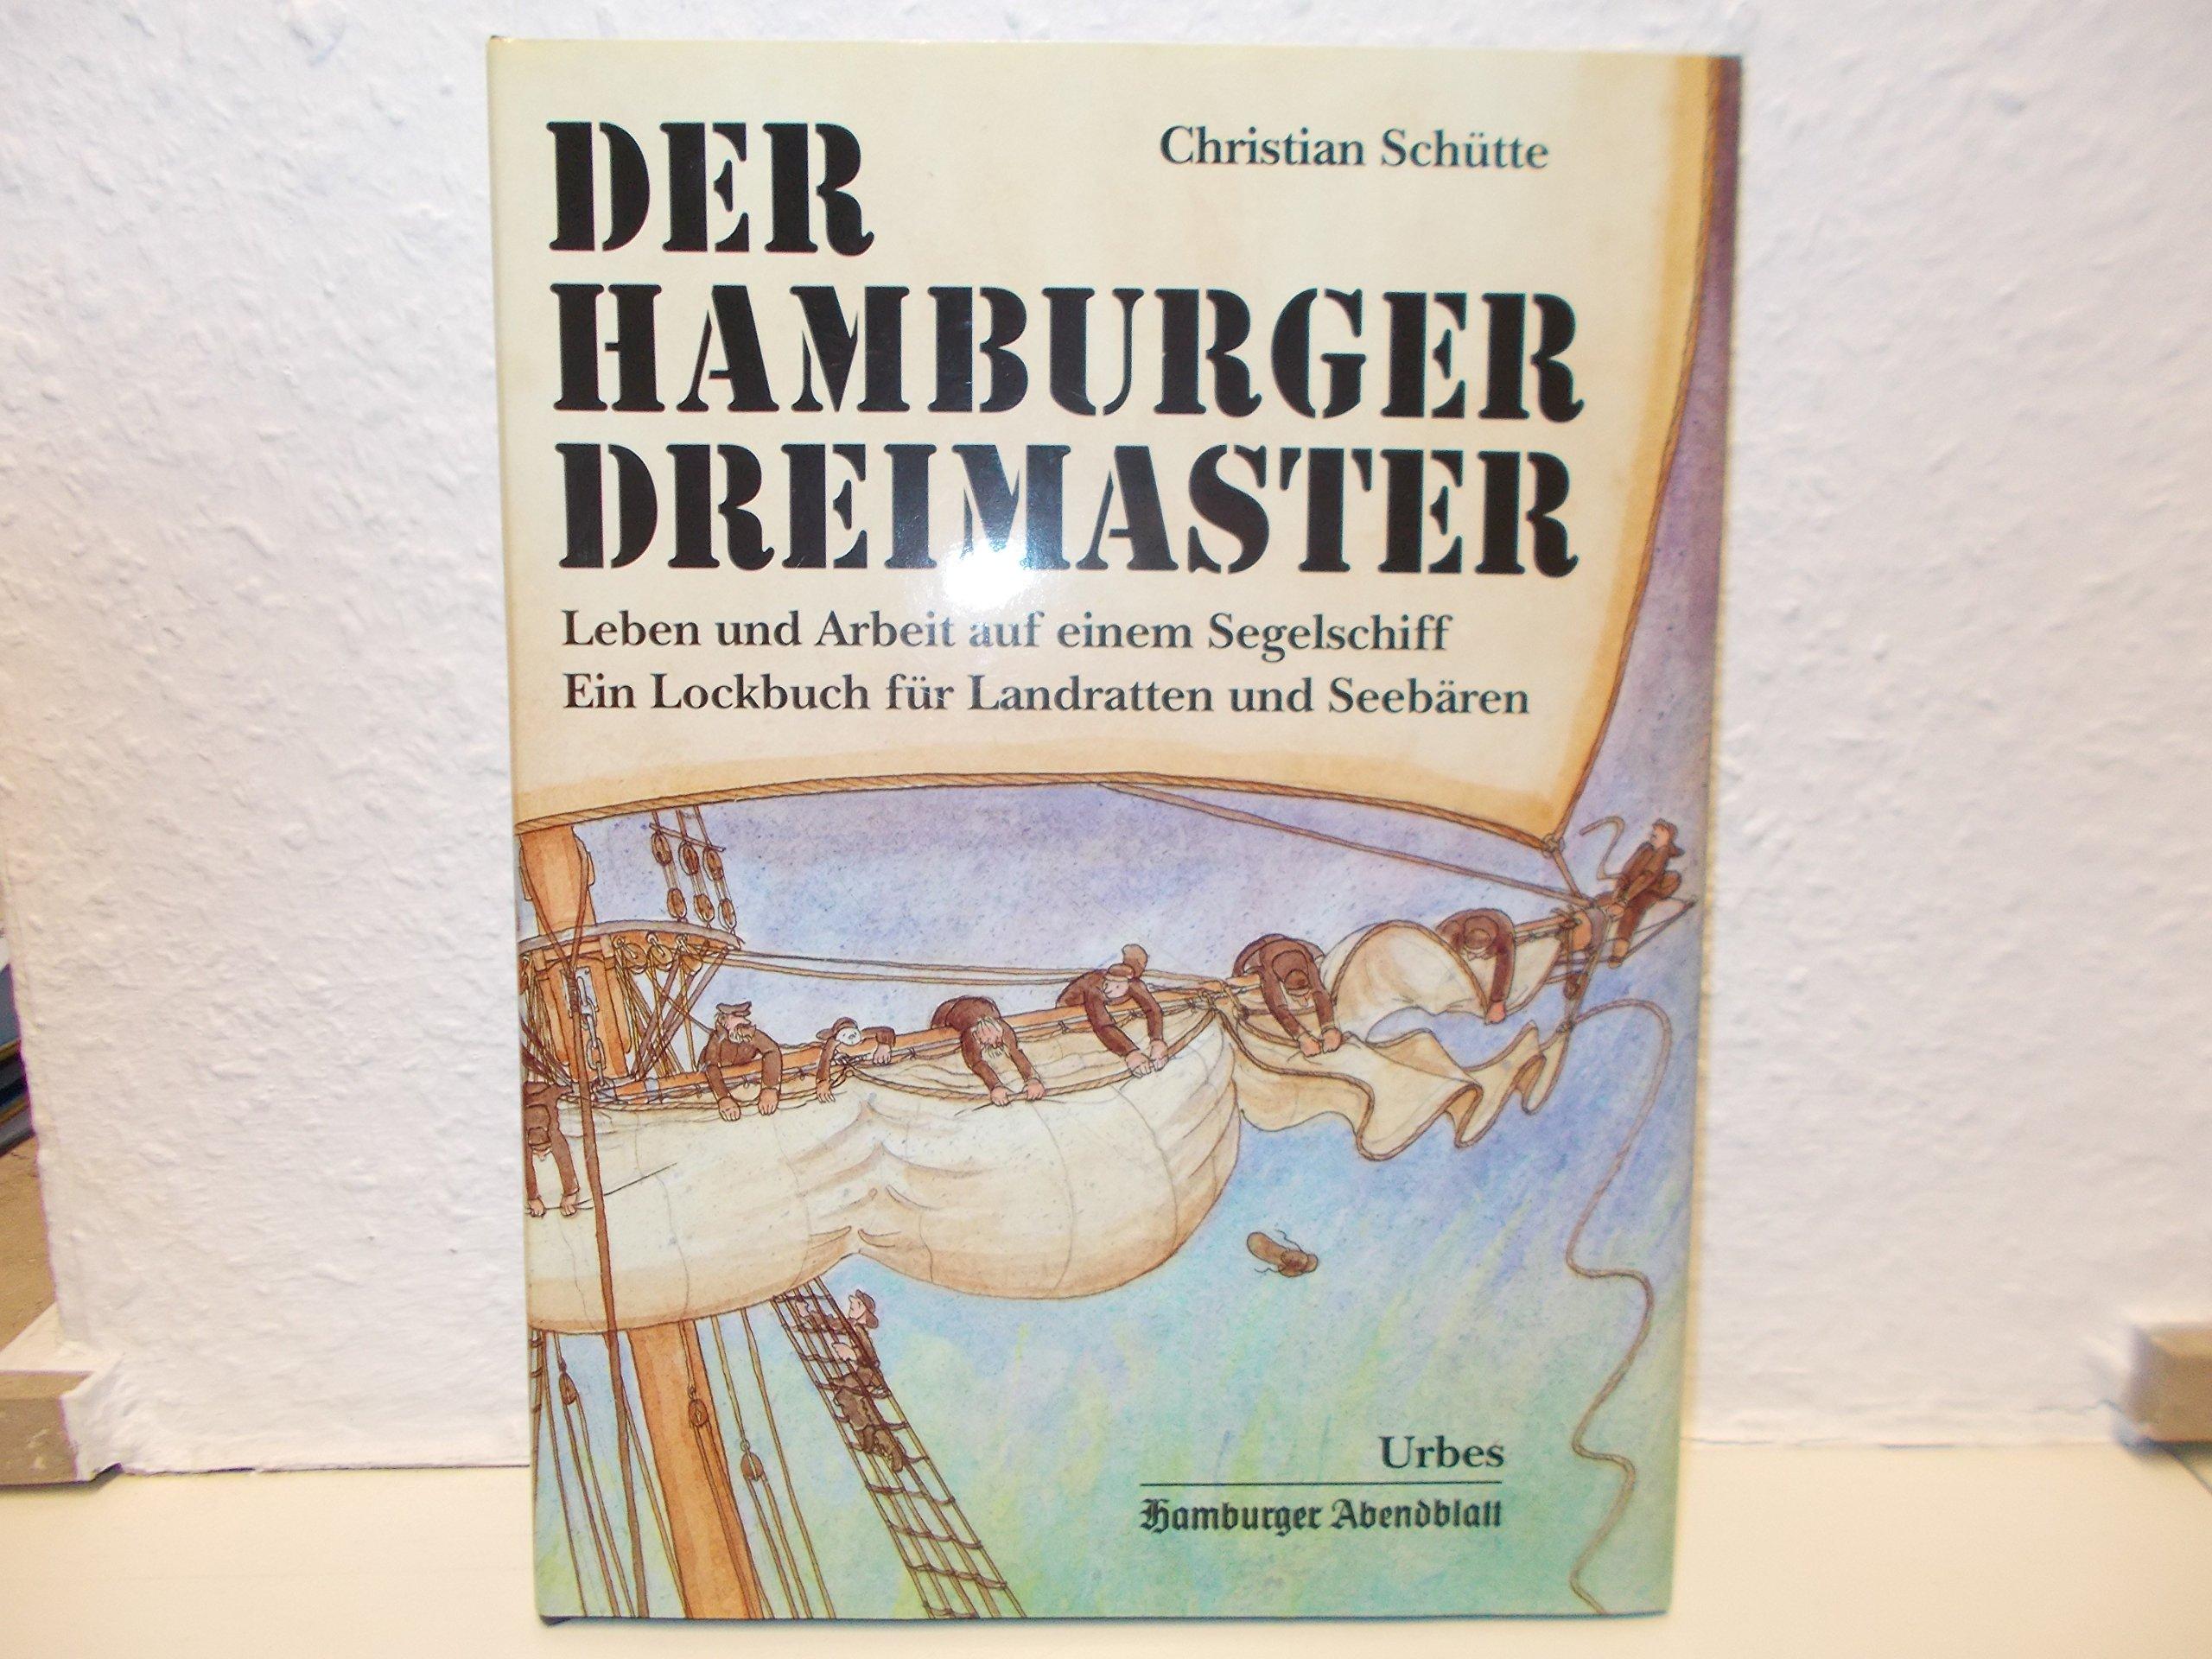 Der Hamburger Dreimaster: Leben und Arbeit auf einem Segelschiff. Ein Lockbuch für Landratten und Seebären